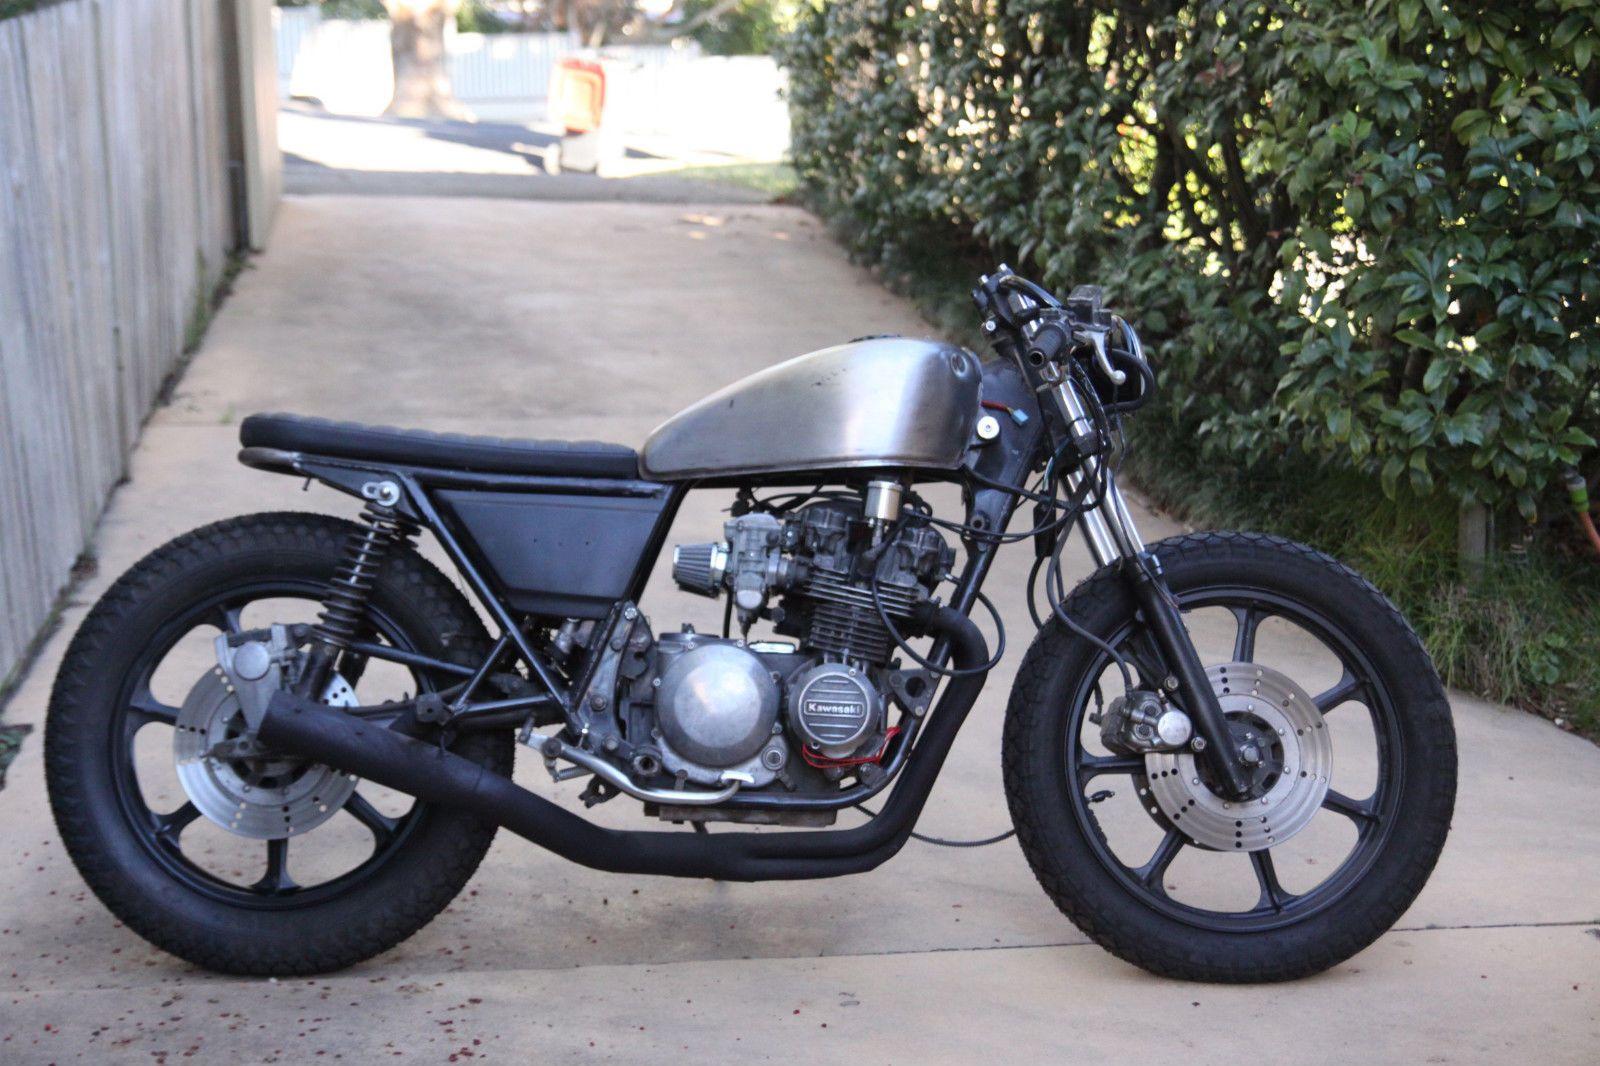 1980 81 kawasaki kz z500 motorbike bobber tracker cafe racer